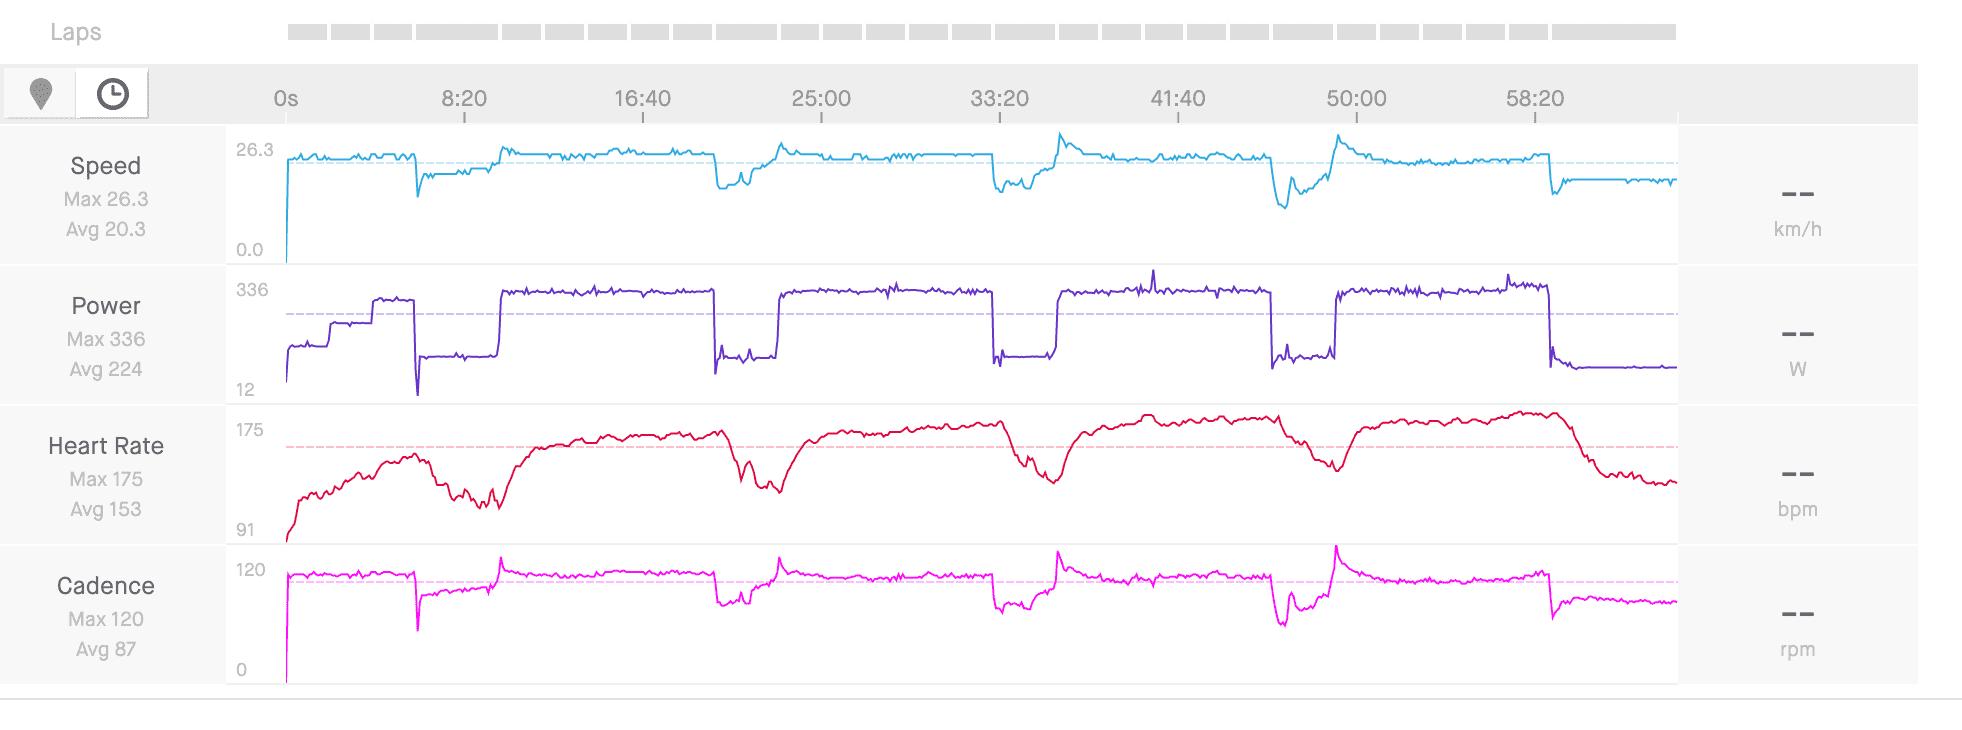 Screenshot 2021-02-24 at 21.07.32.png